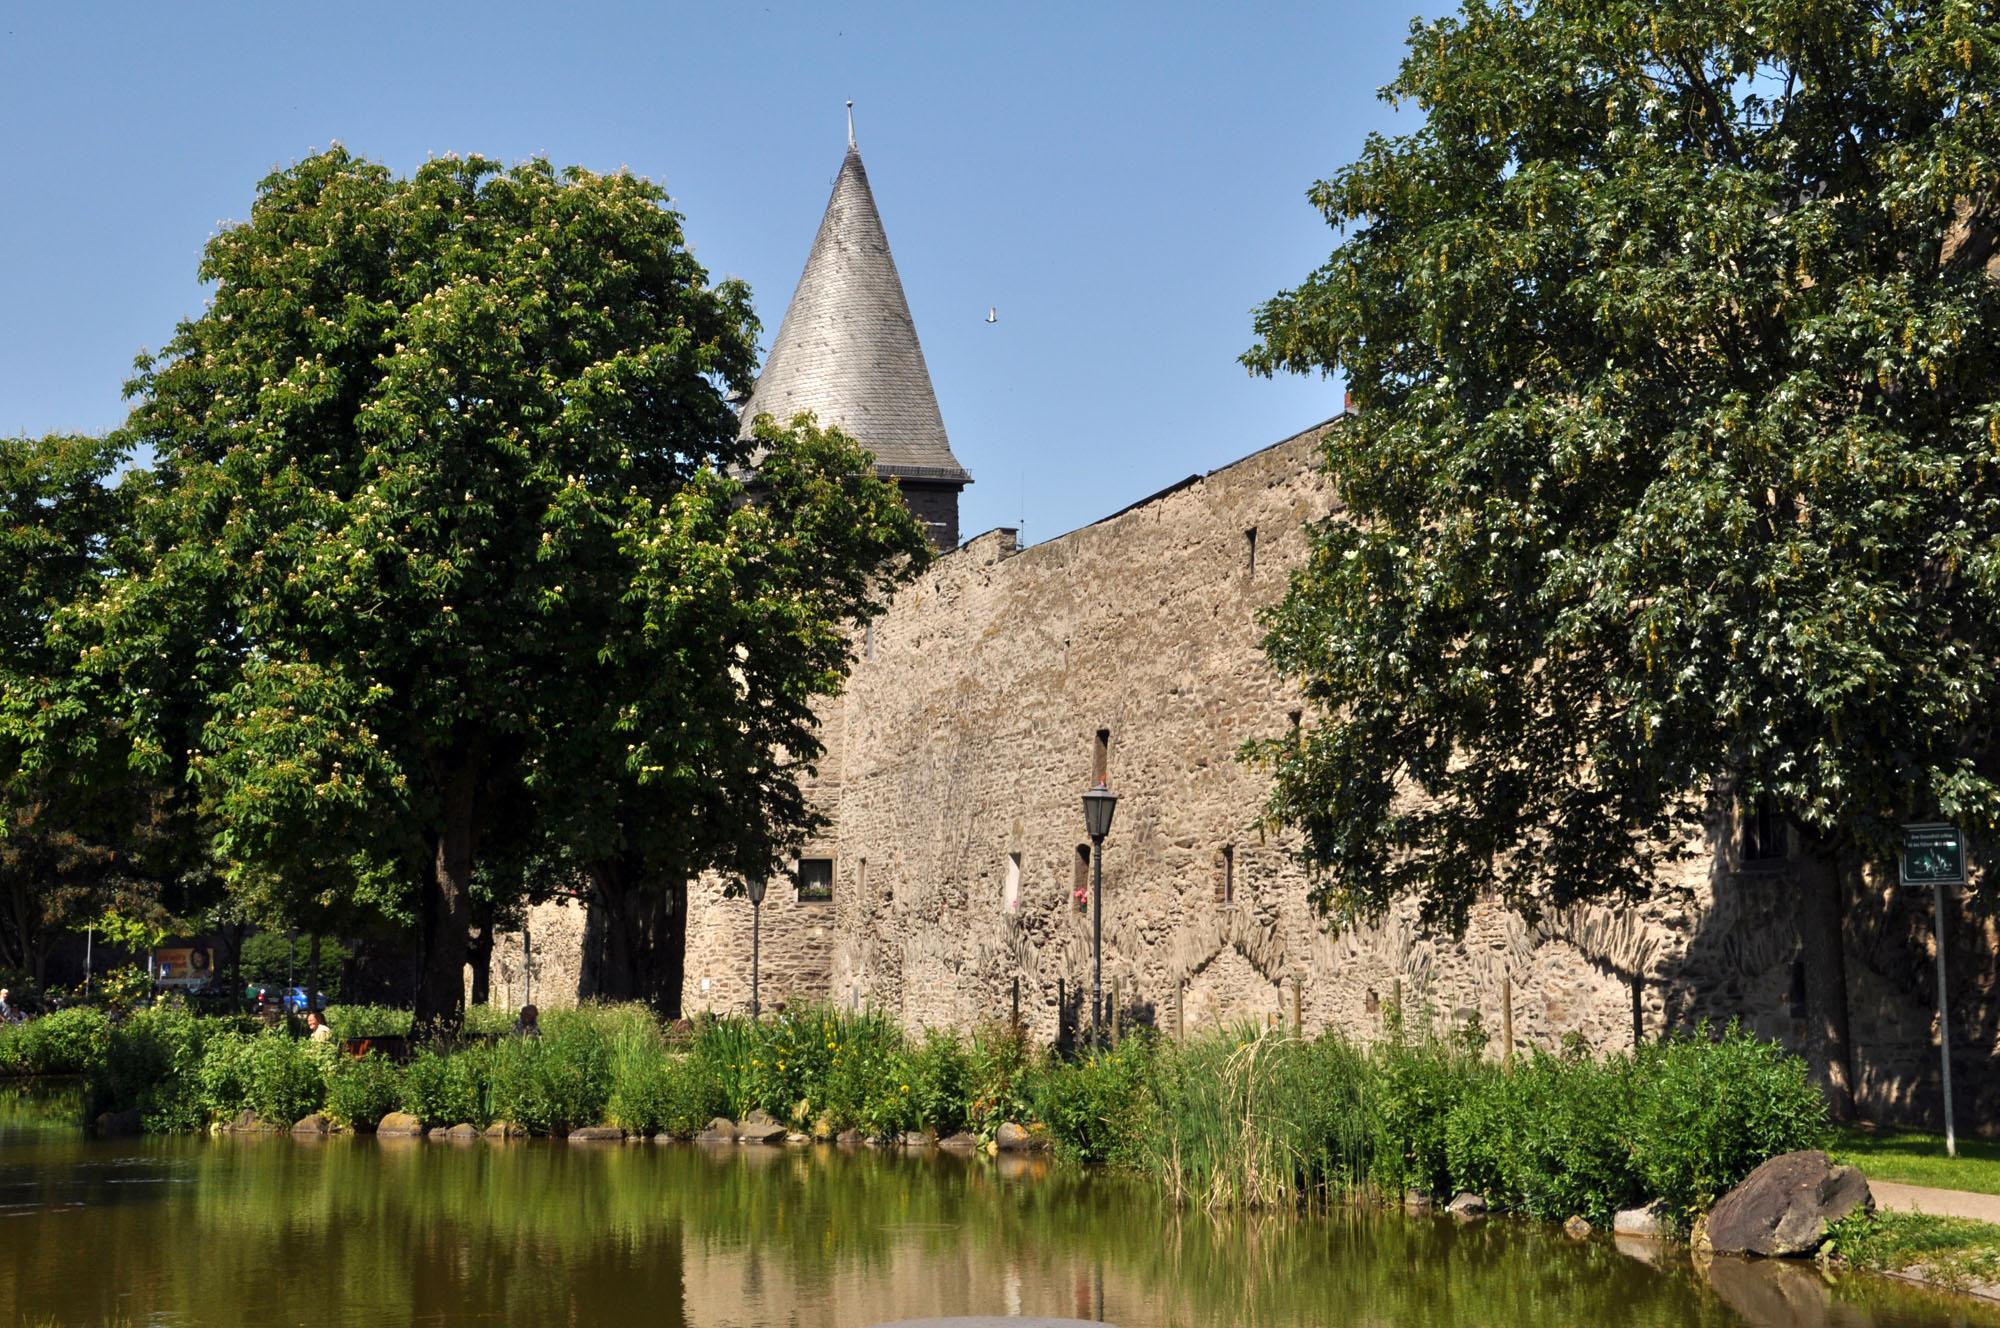 Andernach mit mittelalterlicher Stadtmauer und seinem Wahrzeichen, dem Runden Turm